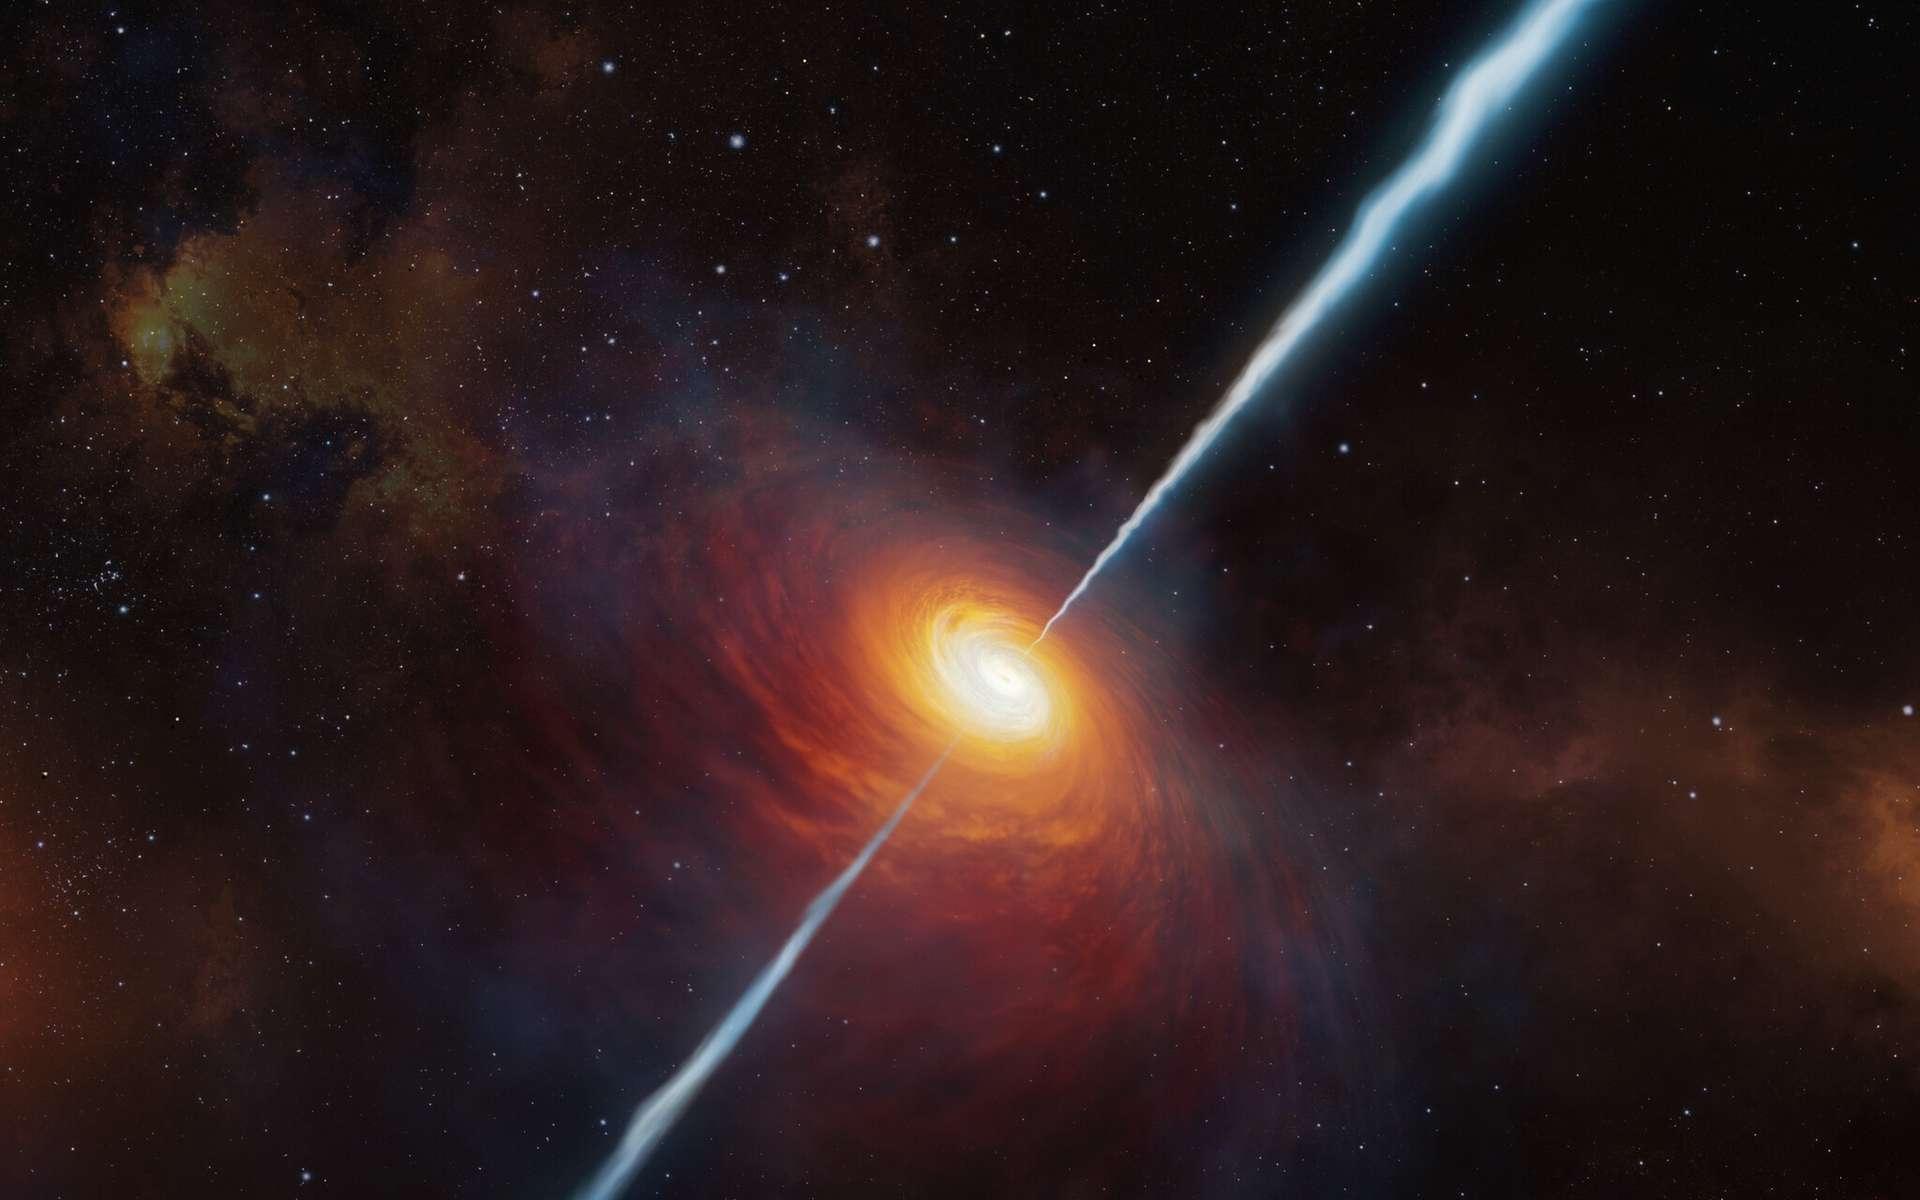 Cette vue artiste montre à quoi devait ressembler le lointain quasar P172+18 et ses jets radio. À ce jour (début 2021), c'est le quasar le plus lointain avec des jets radio jamais trouvé. Il a été étudié grâce au Very Large Telescope de l'ESO. Il est si éloigné que la lumière qui en provient a voyagé pendant environ 13 milliards d'années pour nous atteindre : nous le voyons tel qu'il était lorsque l'Univers n'avait que 780 millions d'années environ. © ESO, M. Kornmesser